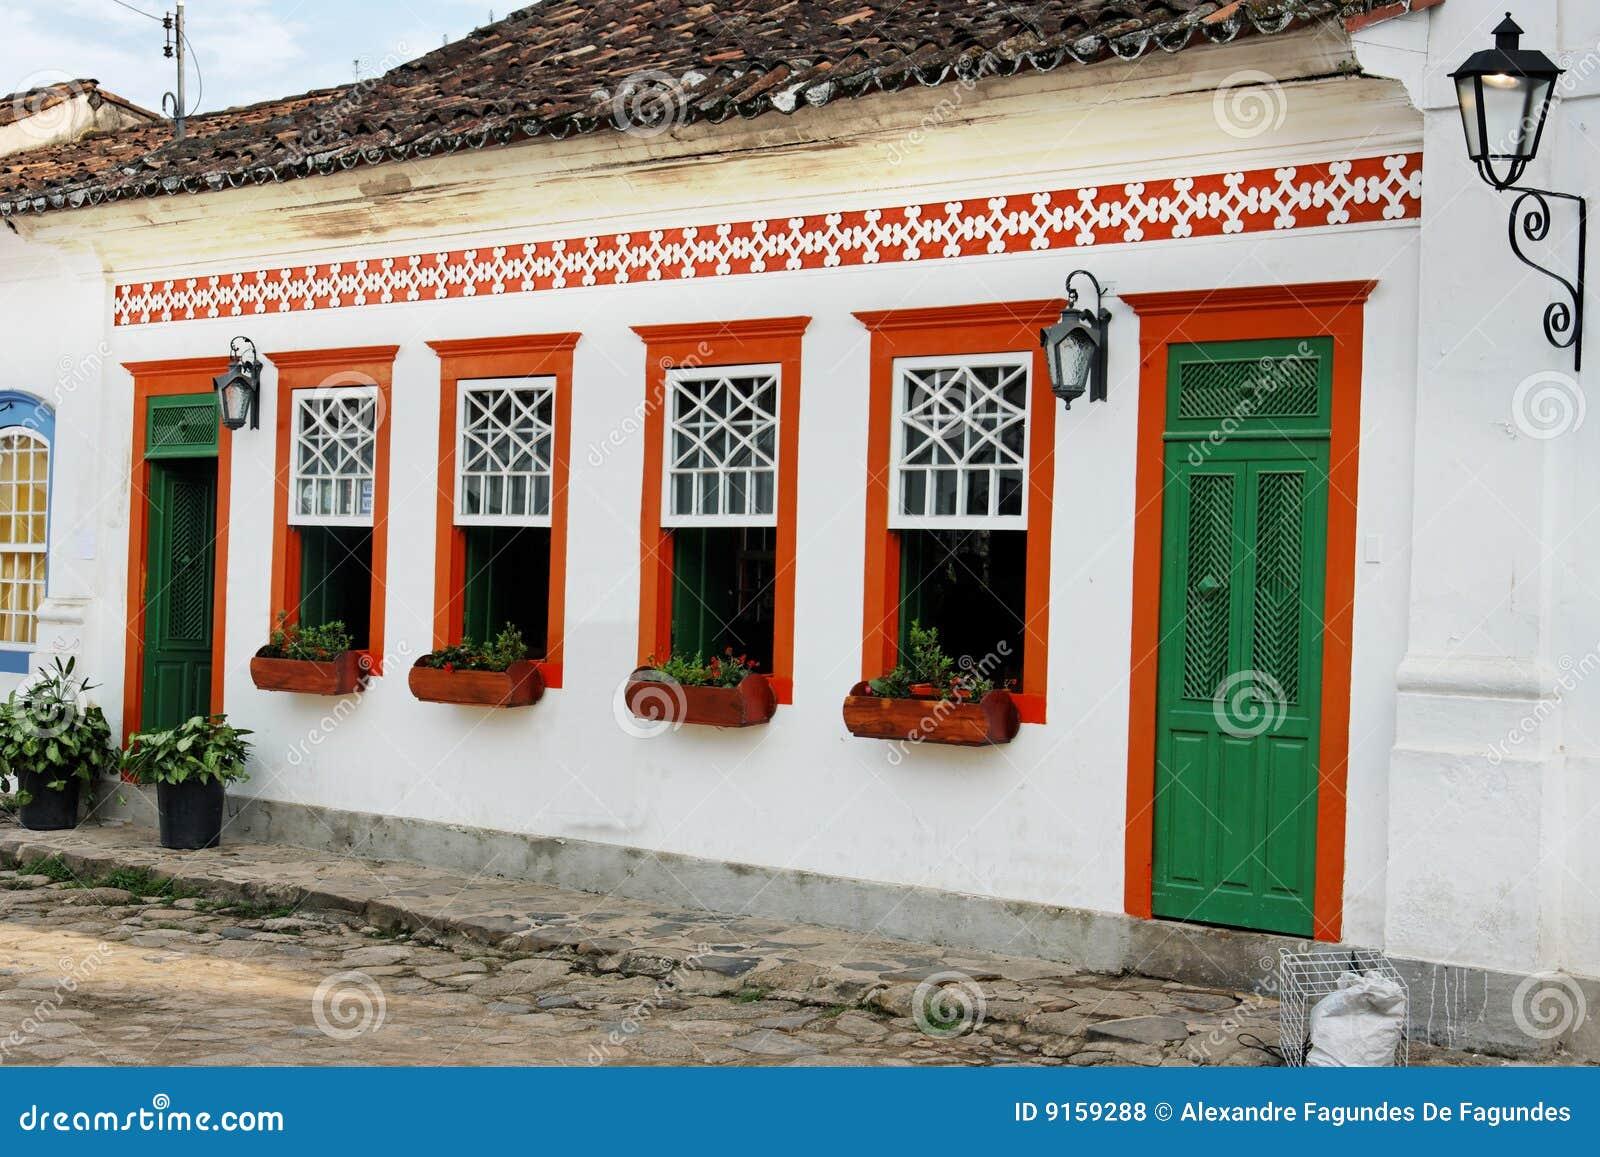 Colonial House Paraty Rio De Janeiro Brazil Stock Photo